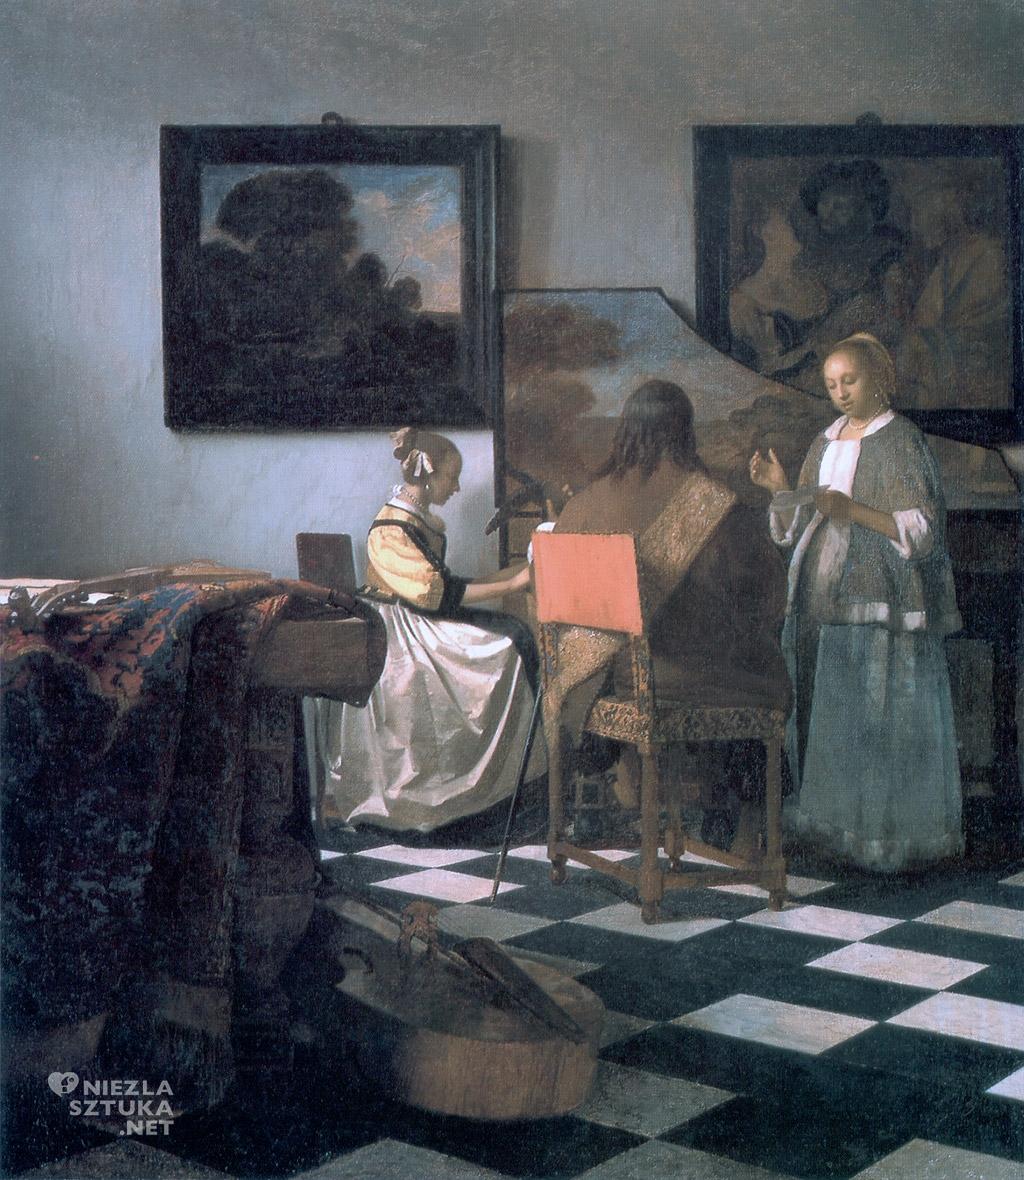 Johannes Vermeer Koncert (skradziony 18 marca 1990, do dziś nieodnaleziony), ok. 1663-1666, Isabella Stewart Gardner Museum, Boston